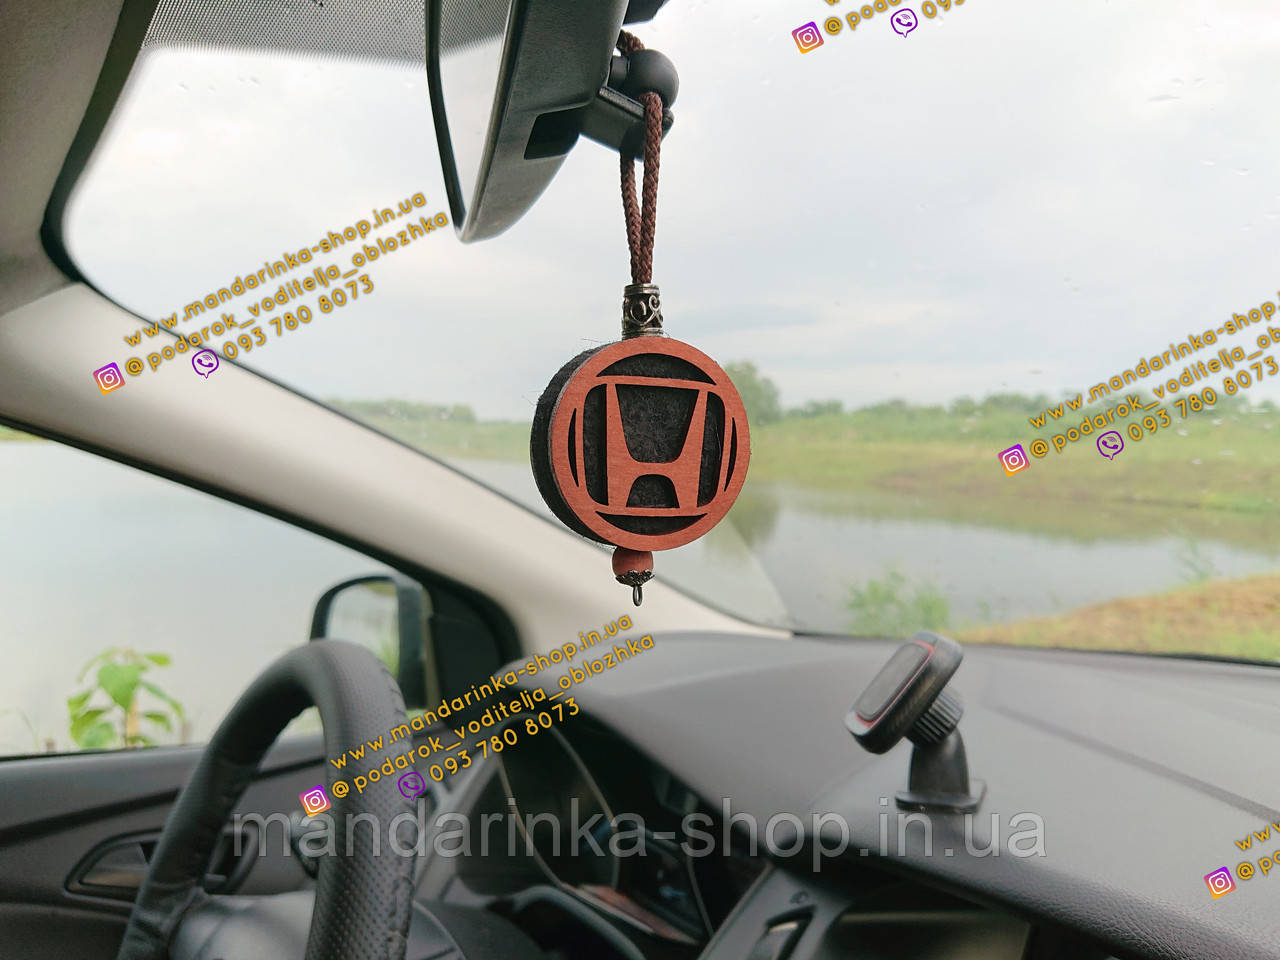 Подвеска ароматизатор Honda, Парфюм Хонда на зеркало